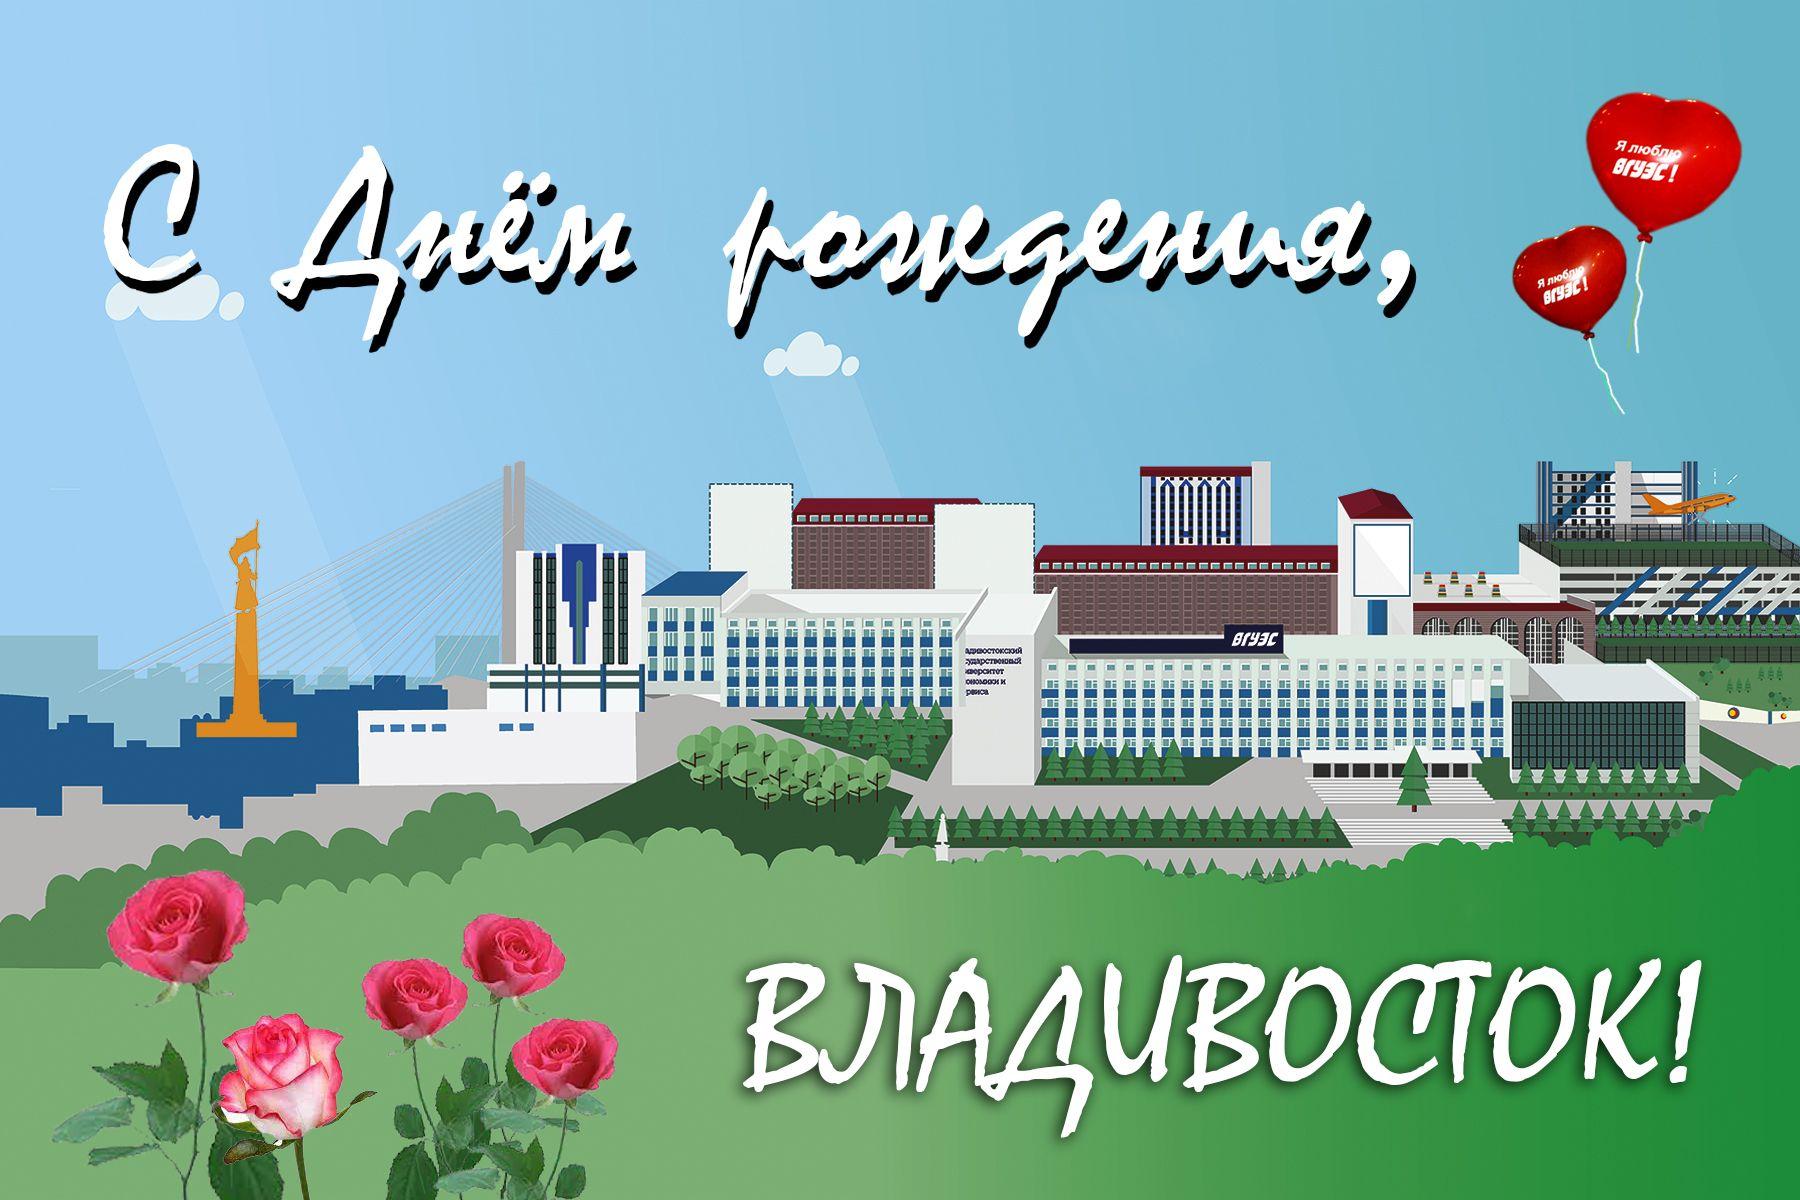 С днем рождения, Владивосток! Ректор и президент ВГУЭС поздравляют любимый город